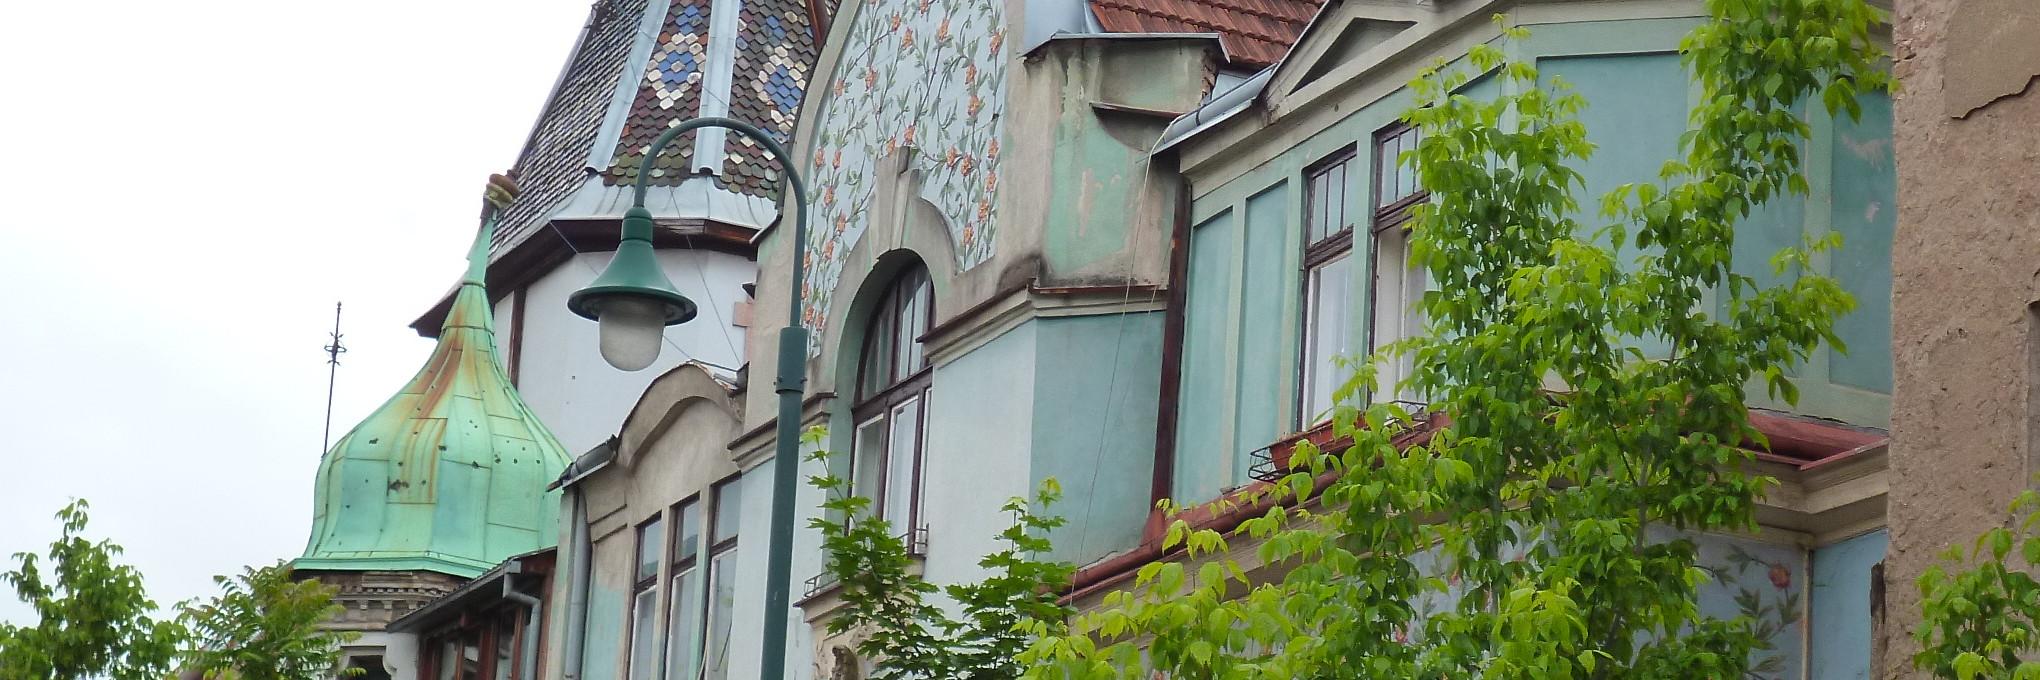 Петракиина улица